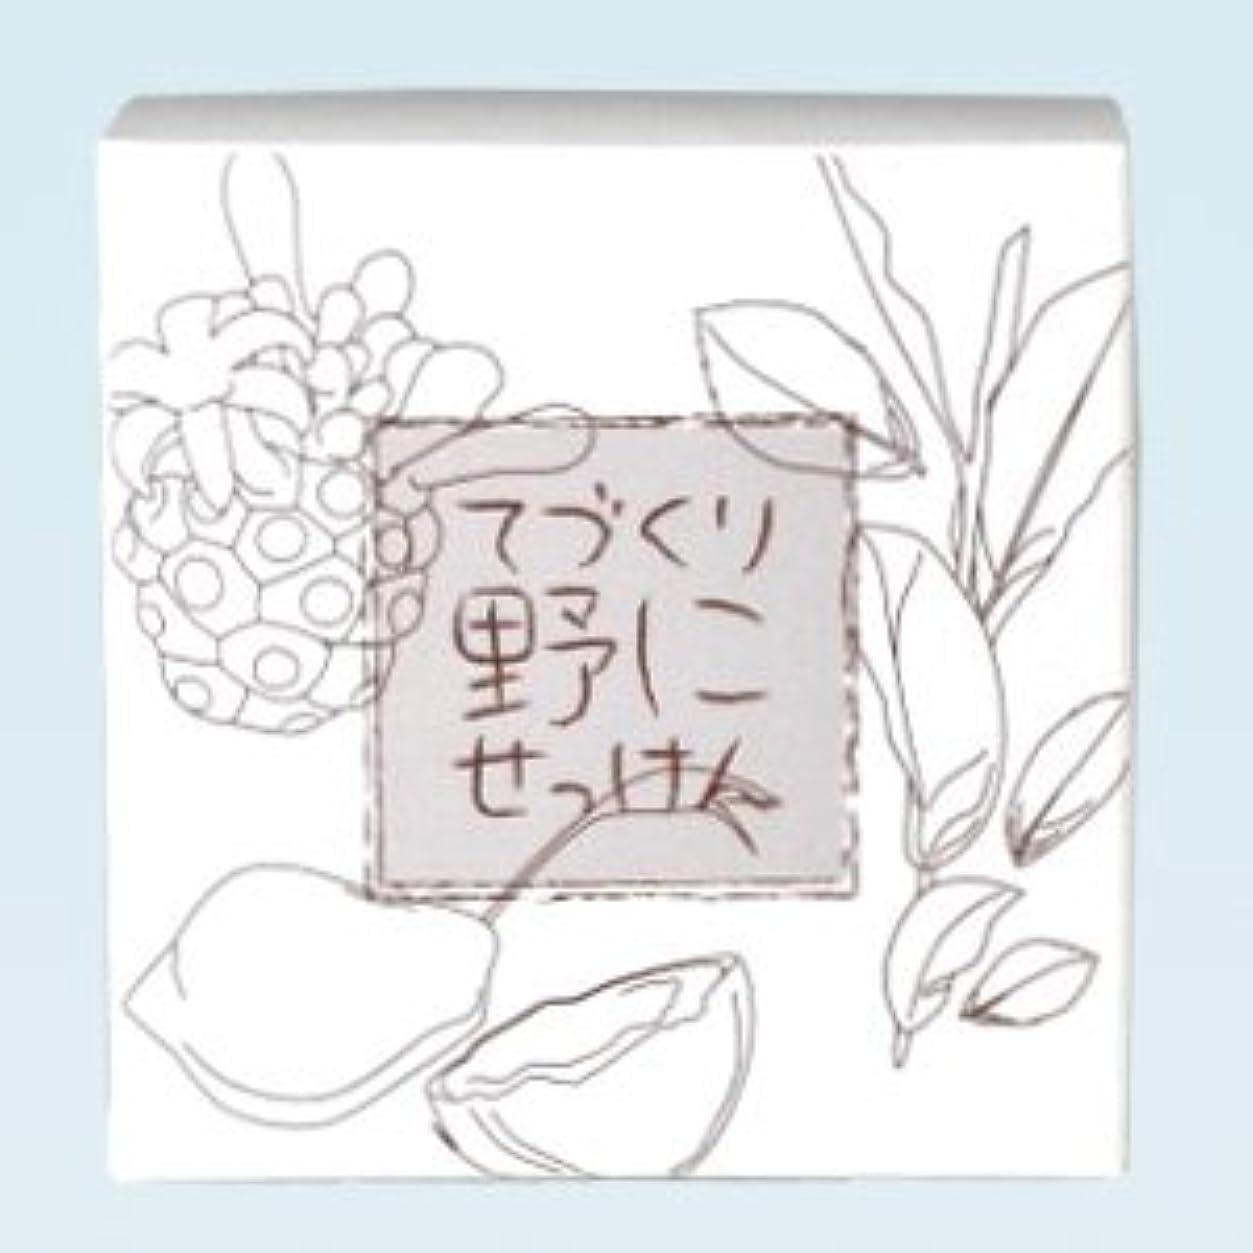 放棄された感謝祭大気緑茶ノニ石鹸 てづくり野にせっけん(115g)